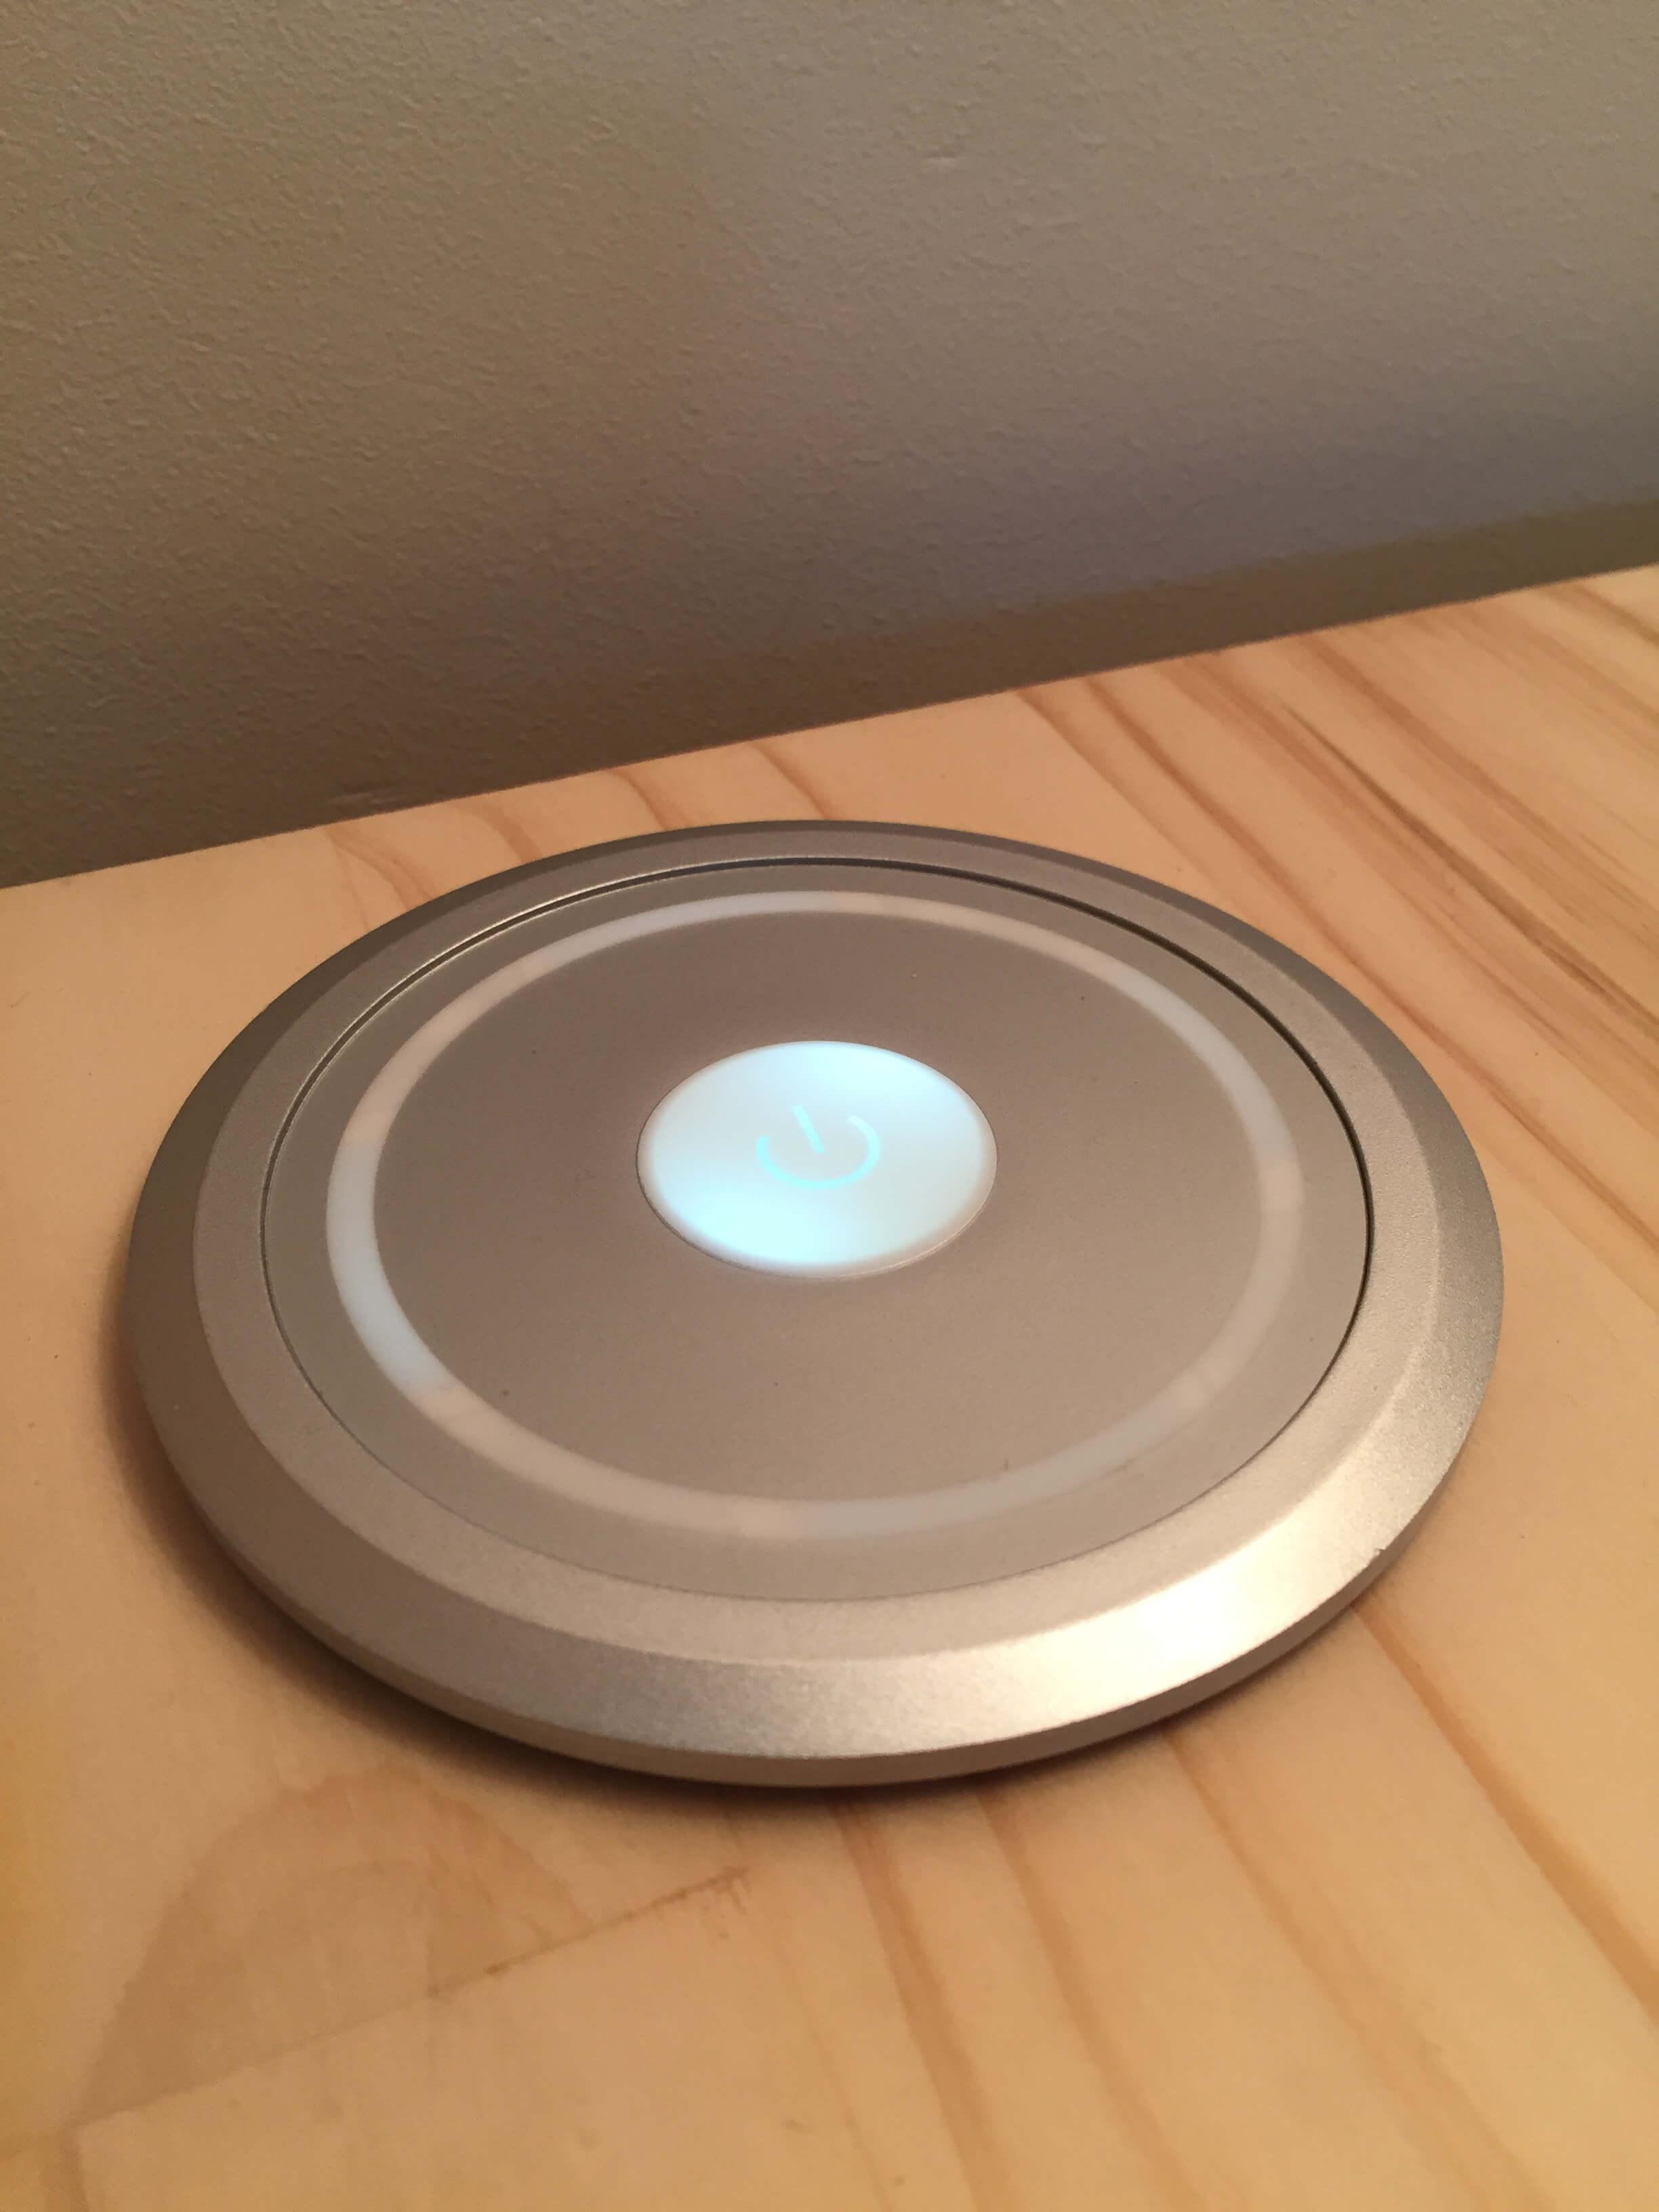 Pleasant V3M Motorised Pop Up Power Point W Usb Inzonedesignstudio Interior Chair Design Inzonedesignstudiocom